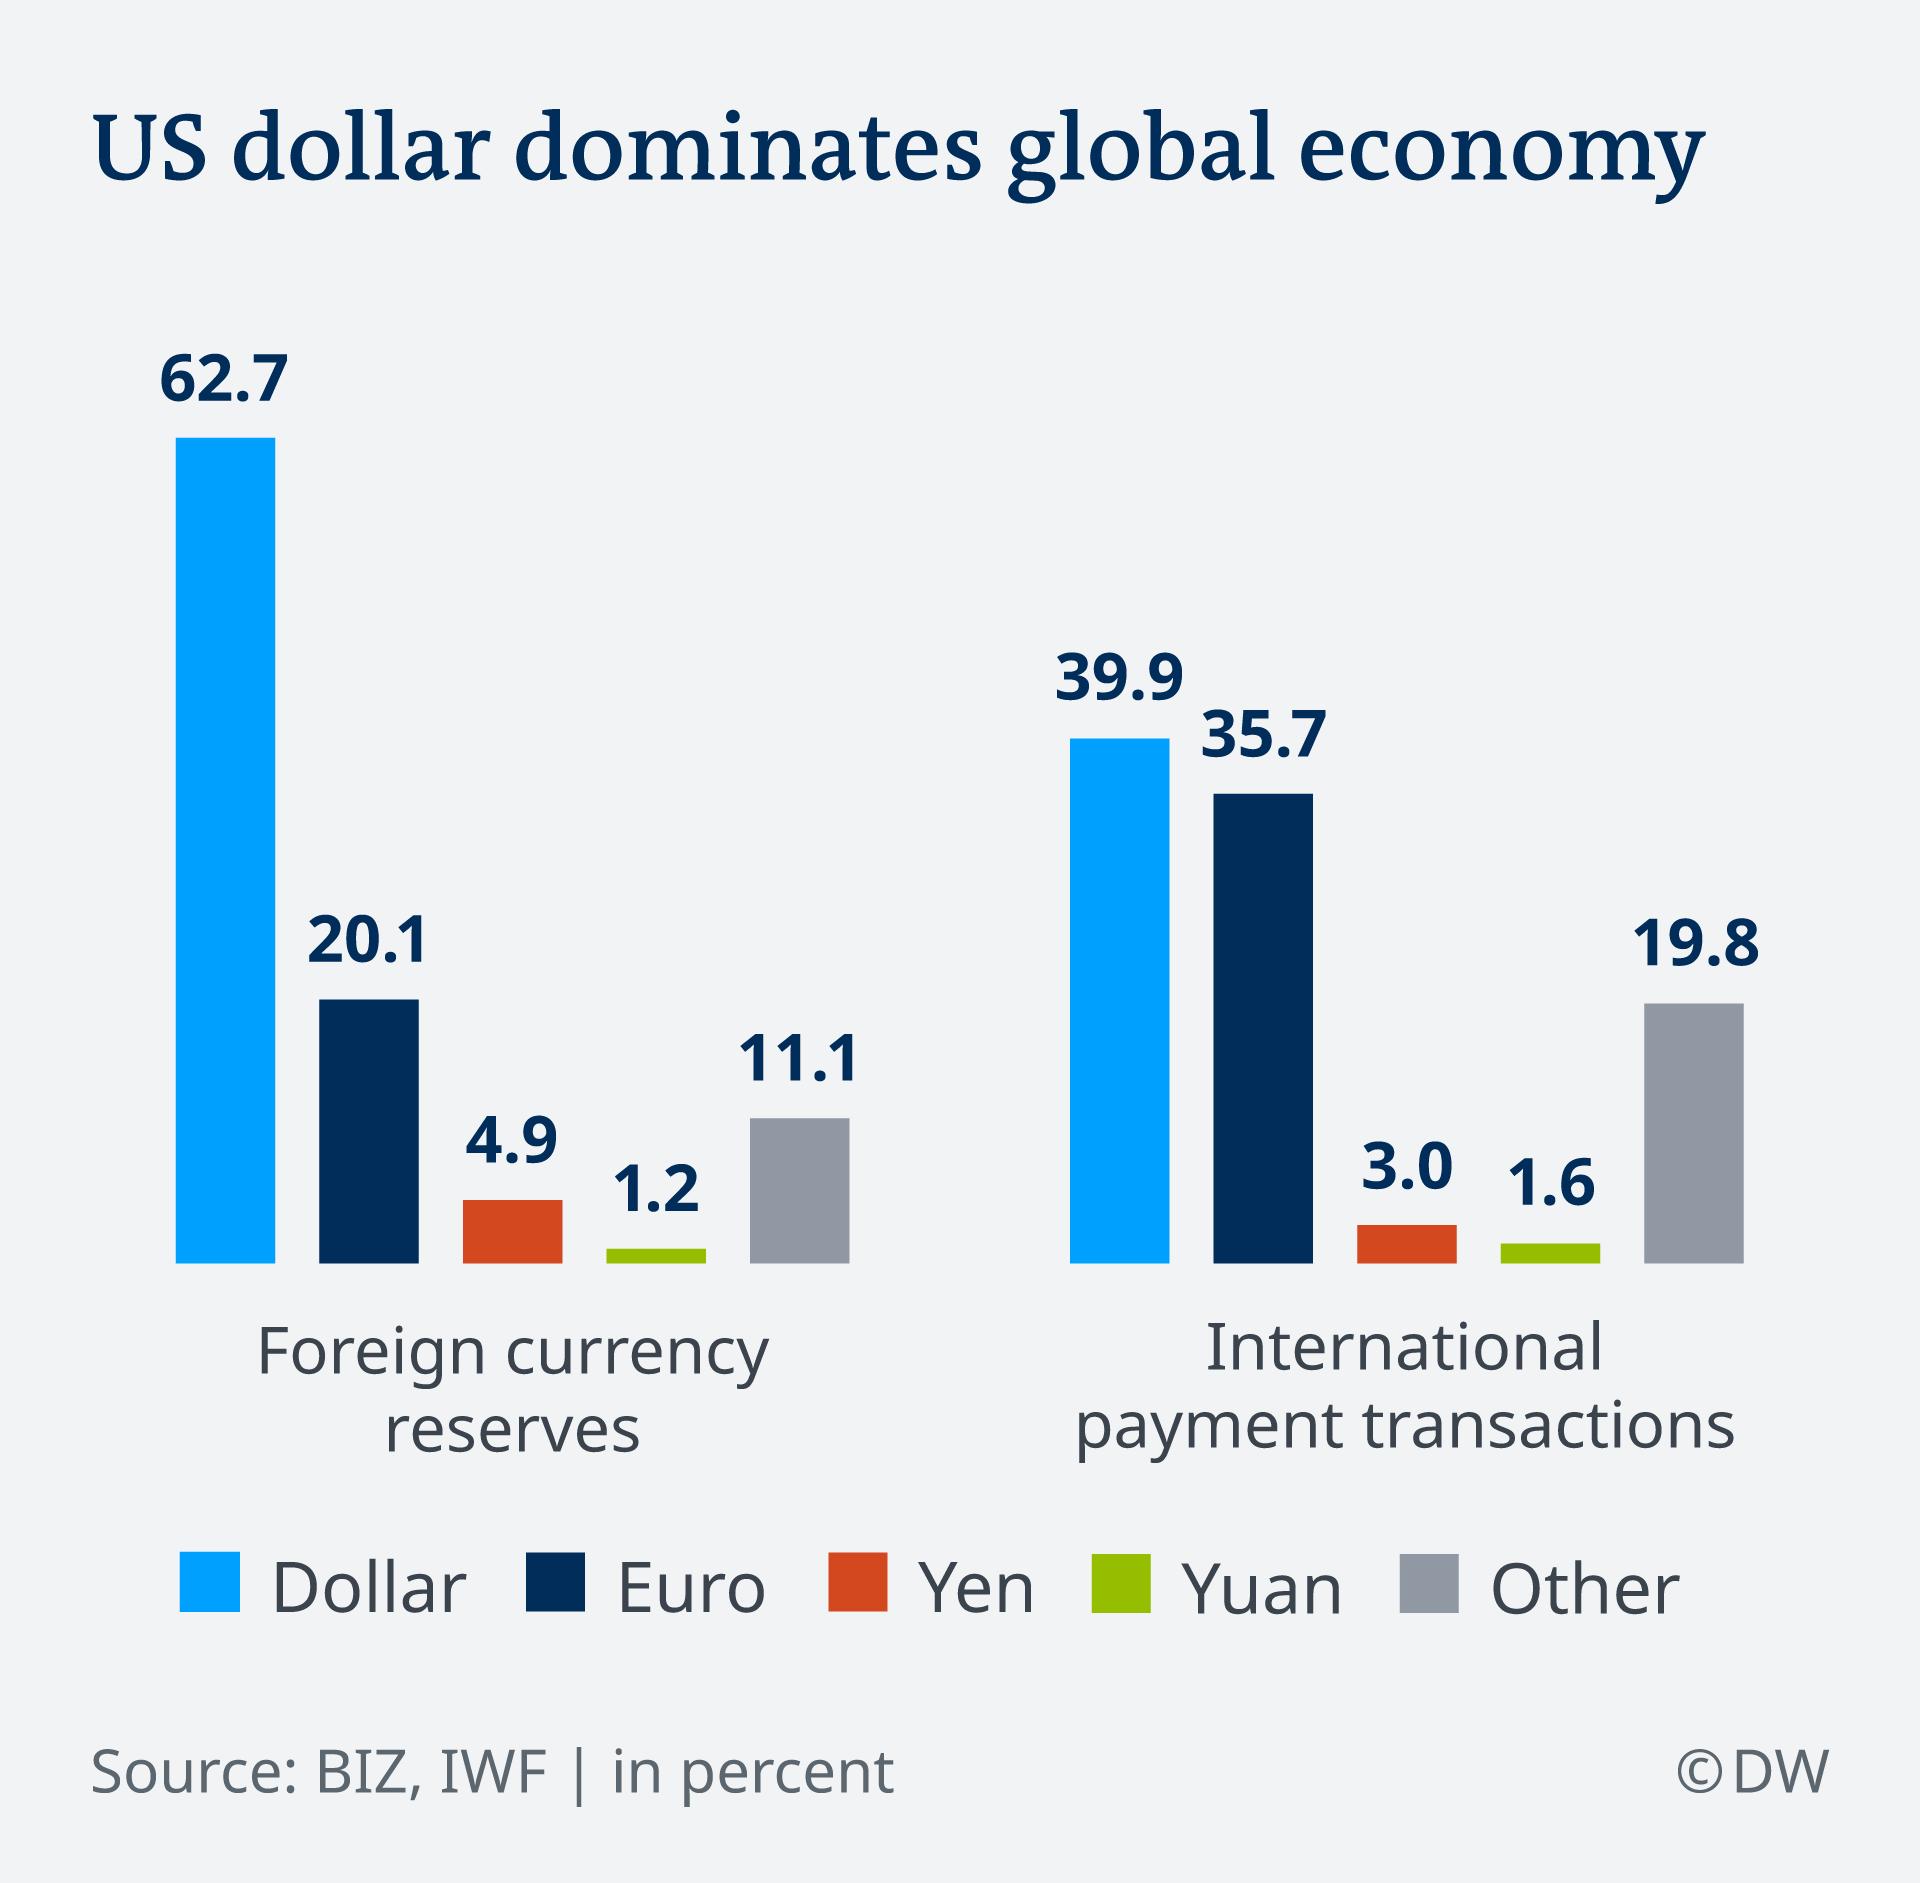 Dominasi Dolar AS sebagai mata uang global